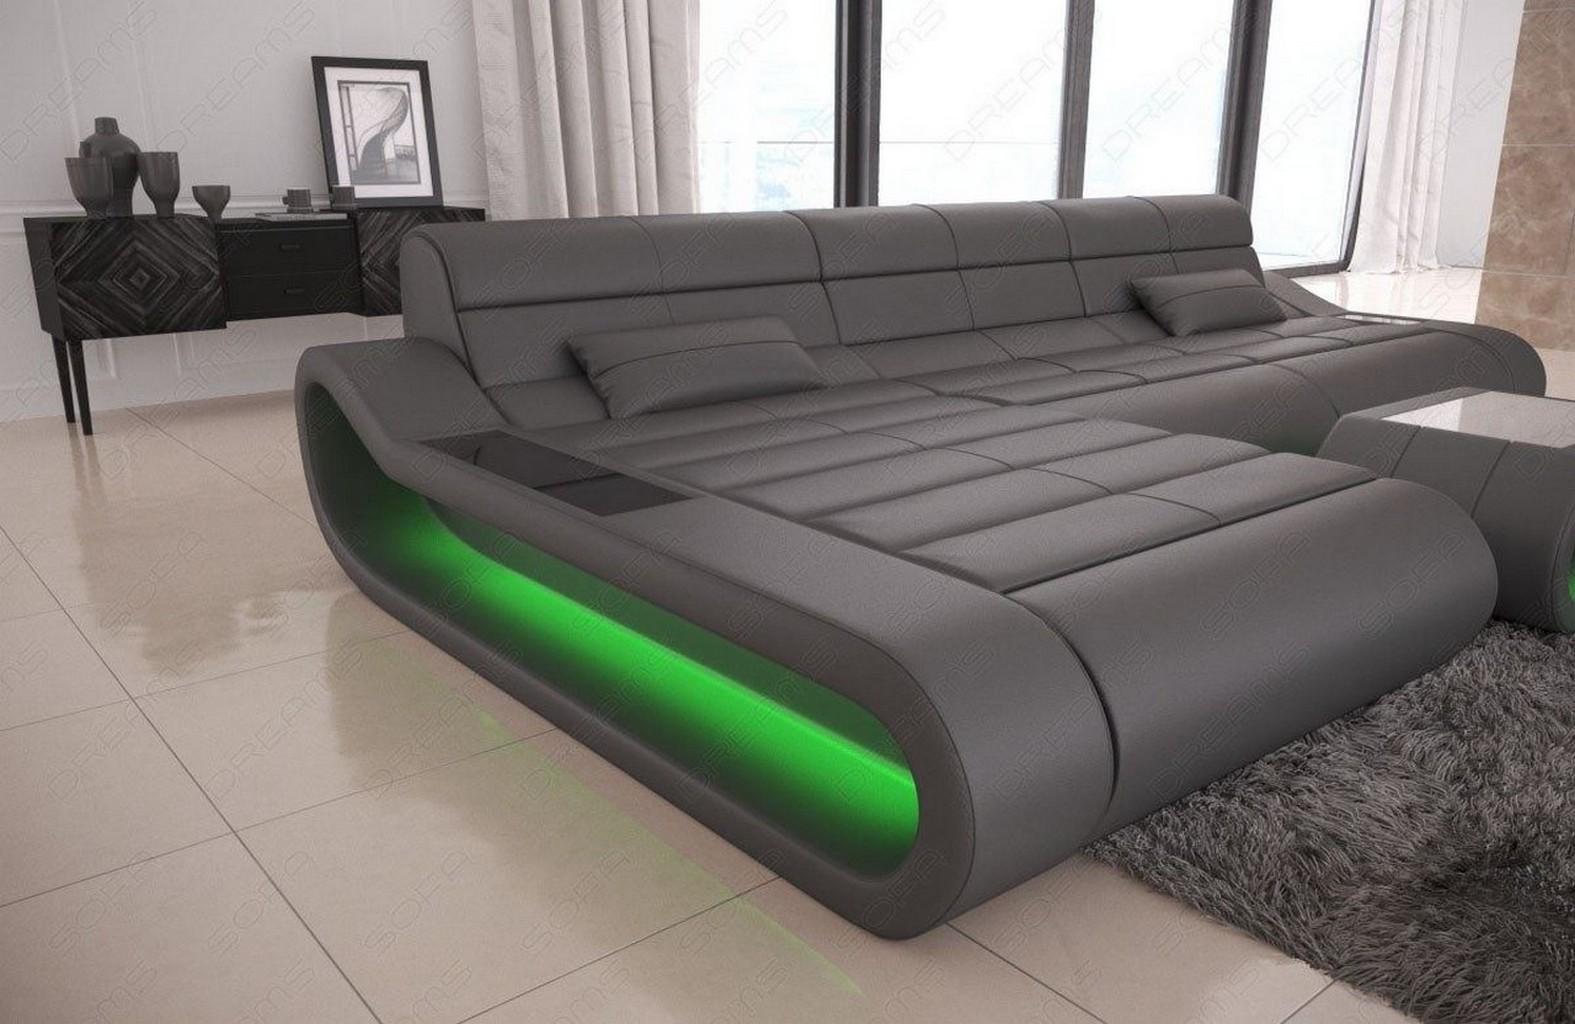 design leder couch garnitur eckcouch recamiere concept l. Black Bedroom Furniture Sets. Home Design Ideas